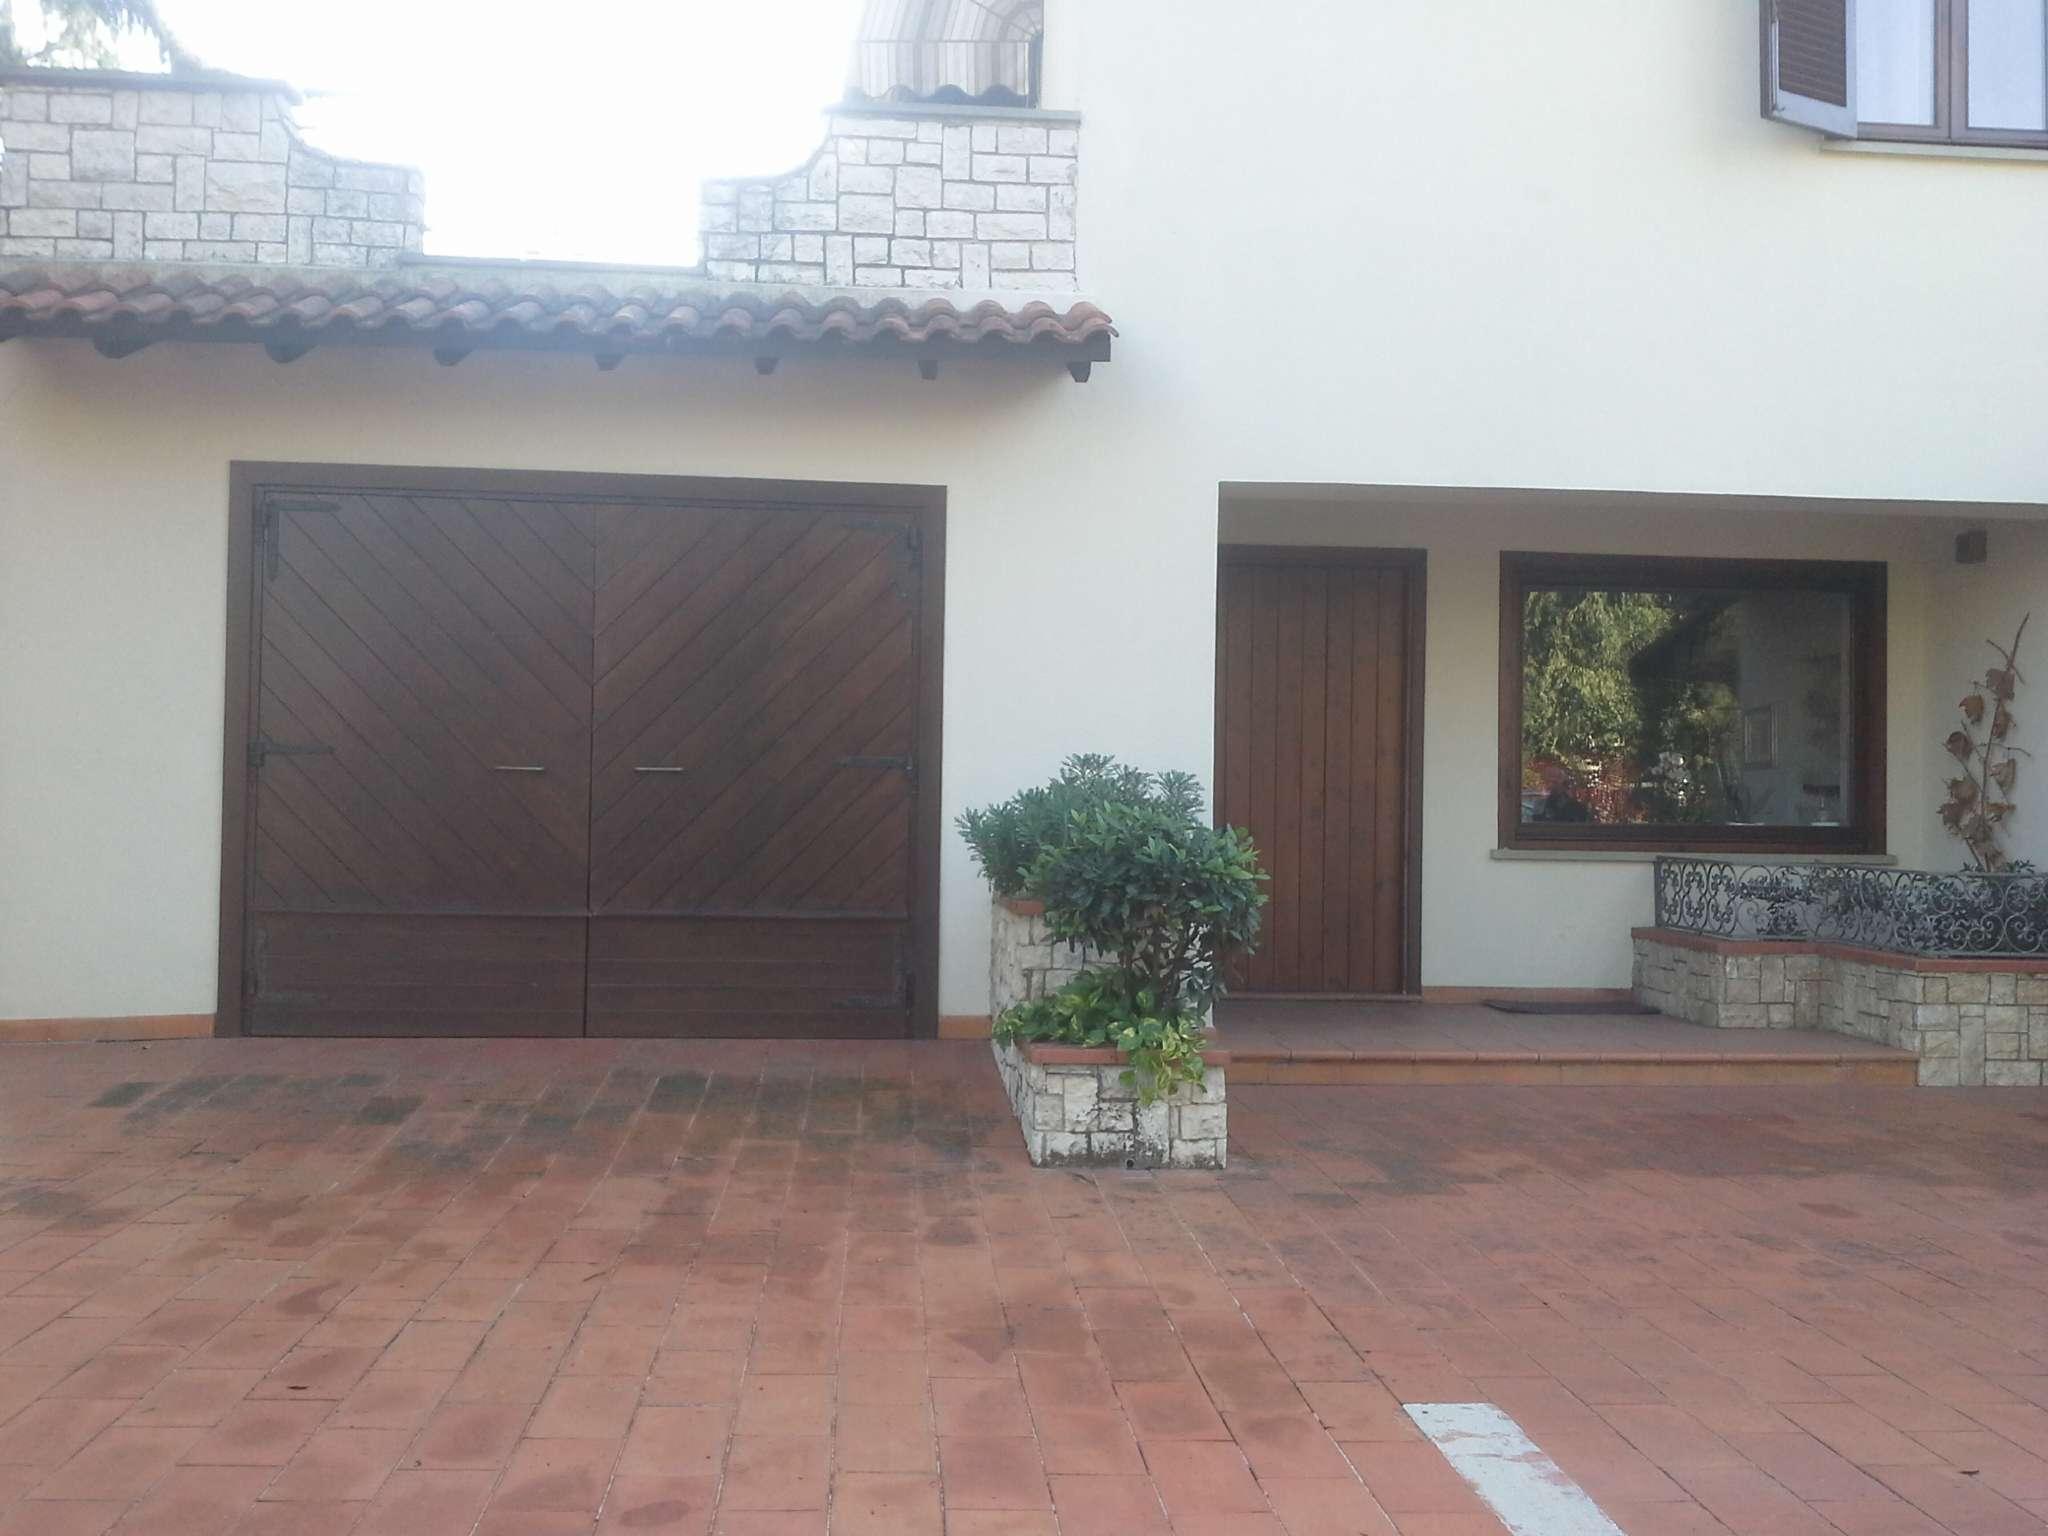 Villa in vendita a Frosinone, 9999 locali, prezzo € 550.000   CambioCasa.it